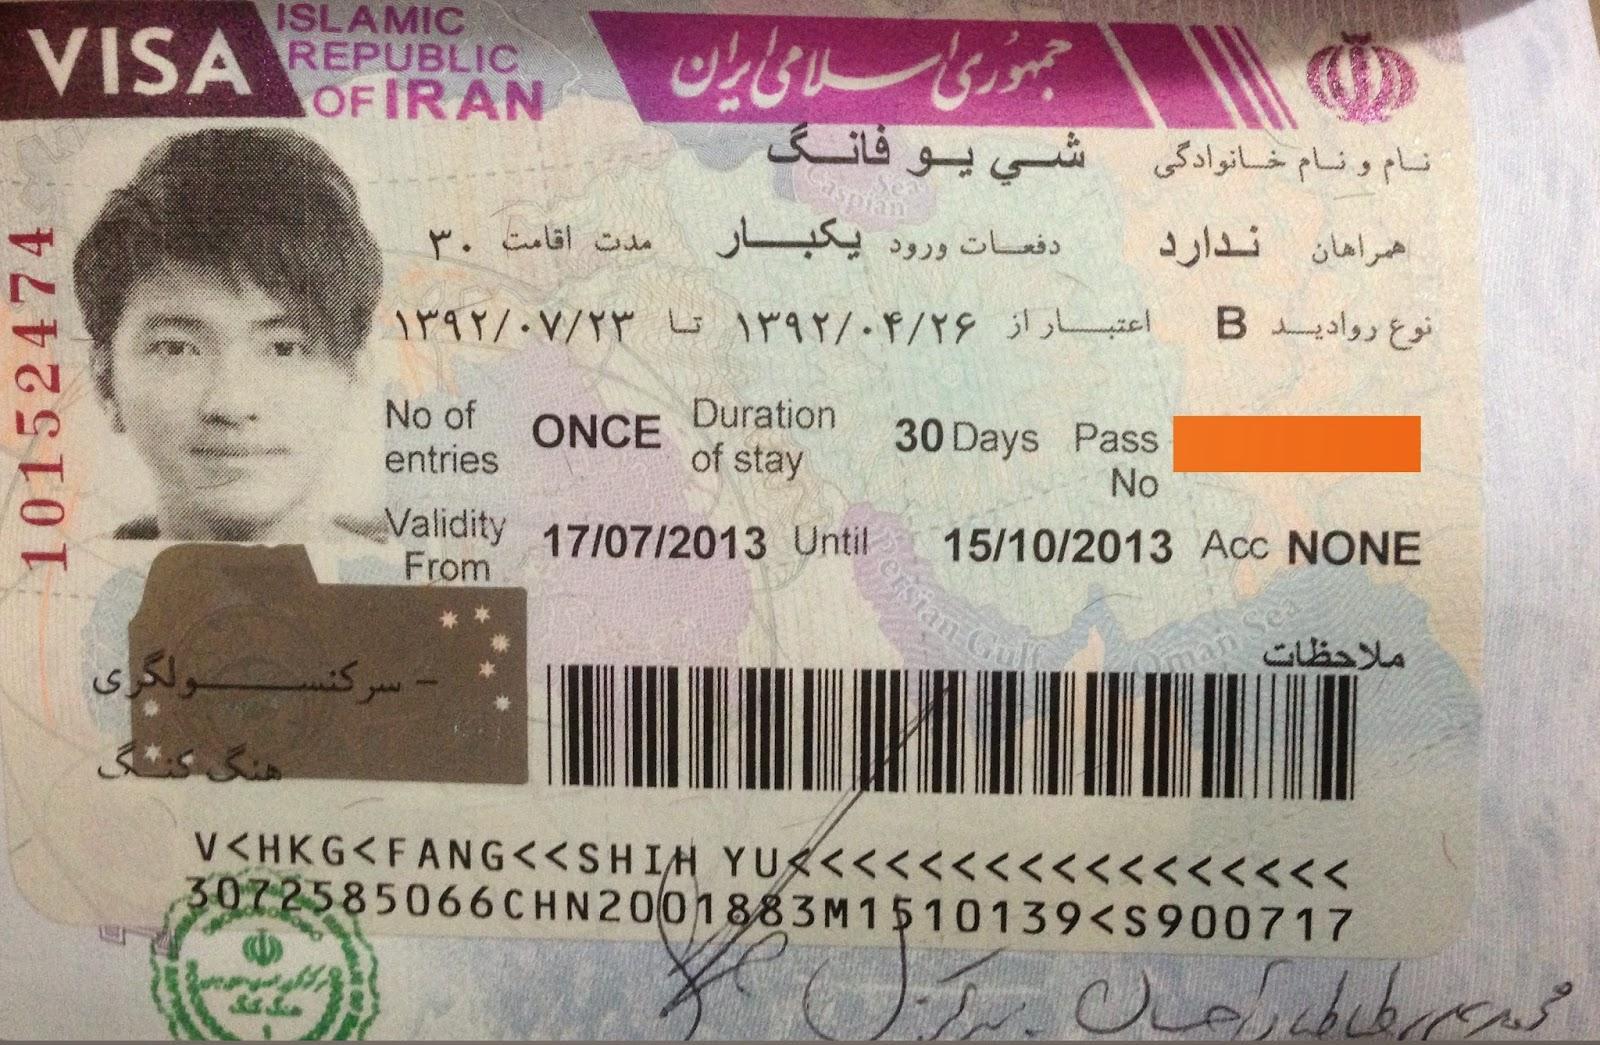 旅行日記: [旅行資訊]臺灣護照申請伊朗簽證的方法